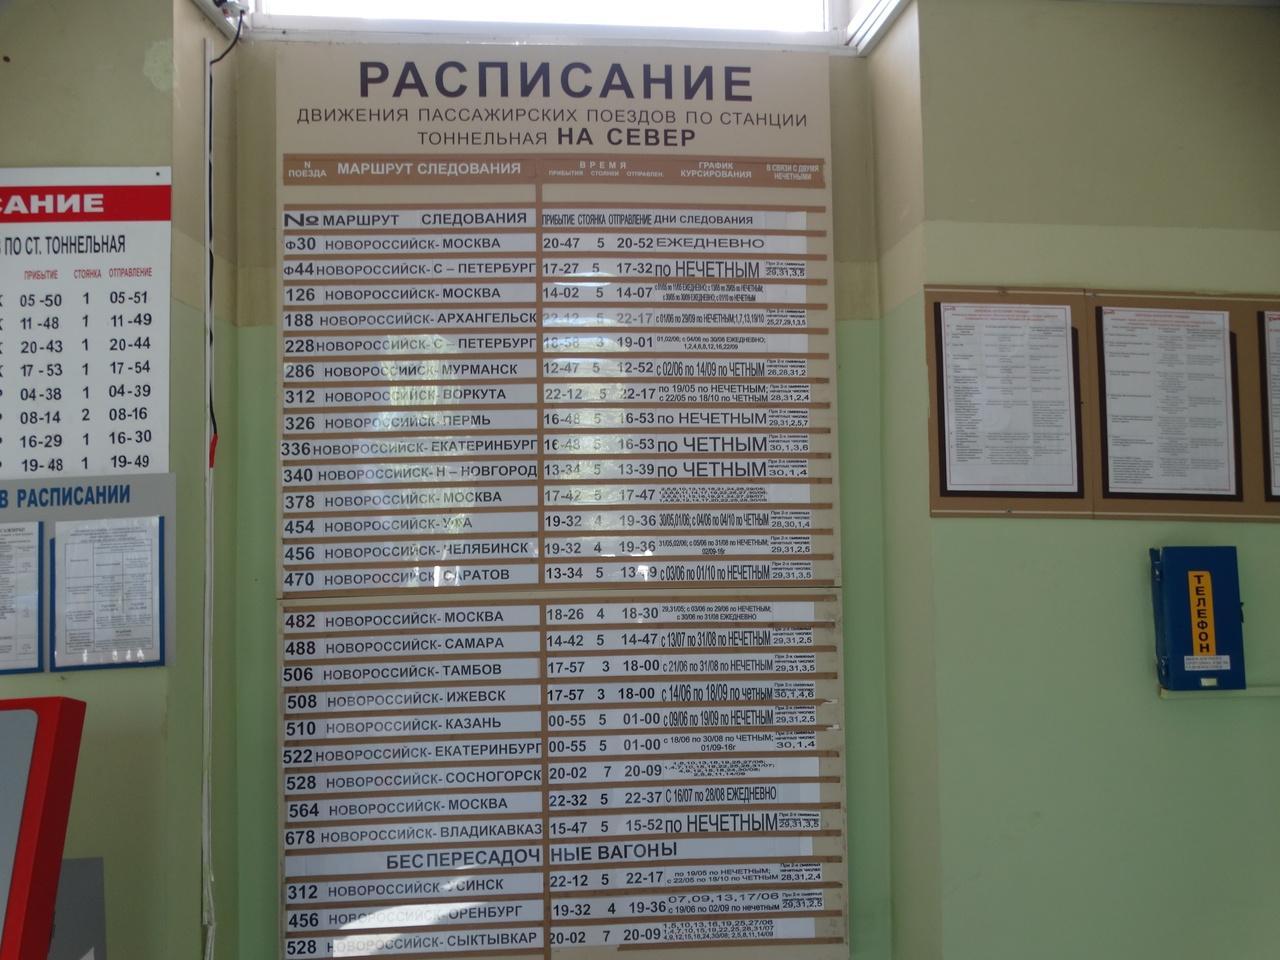 Казань — новороссийск: расписание движения поездов в и году, цены на железнодорожные билеты.